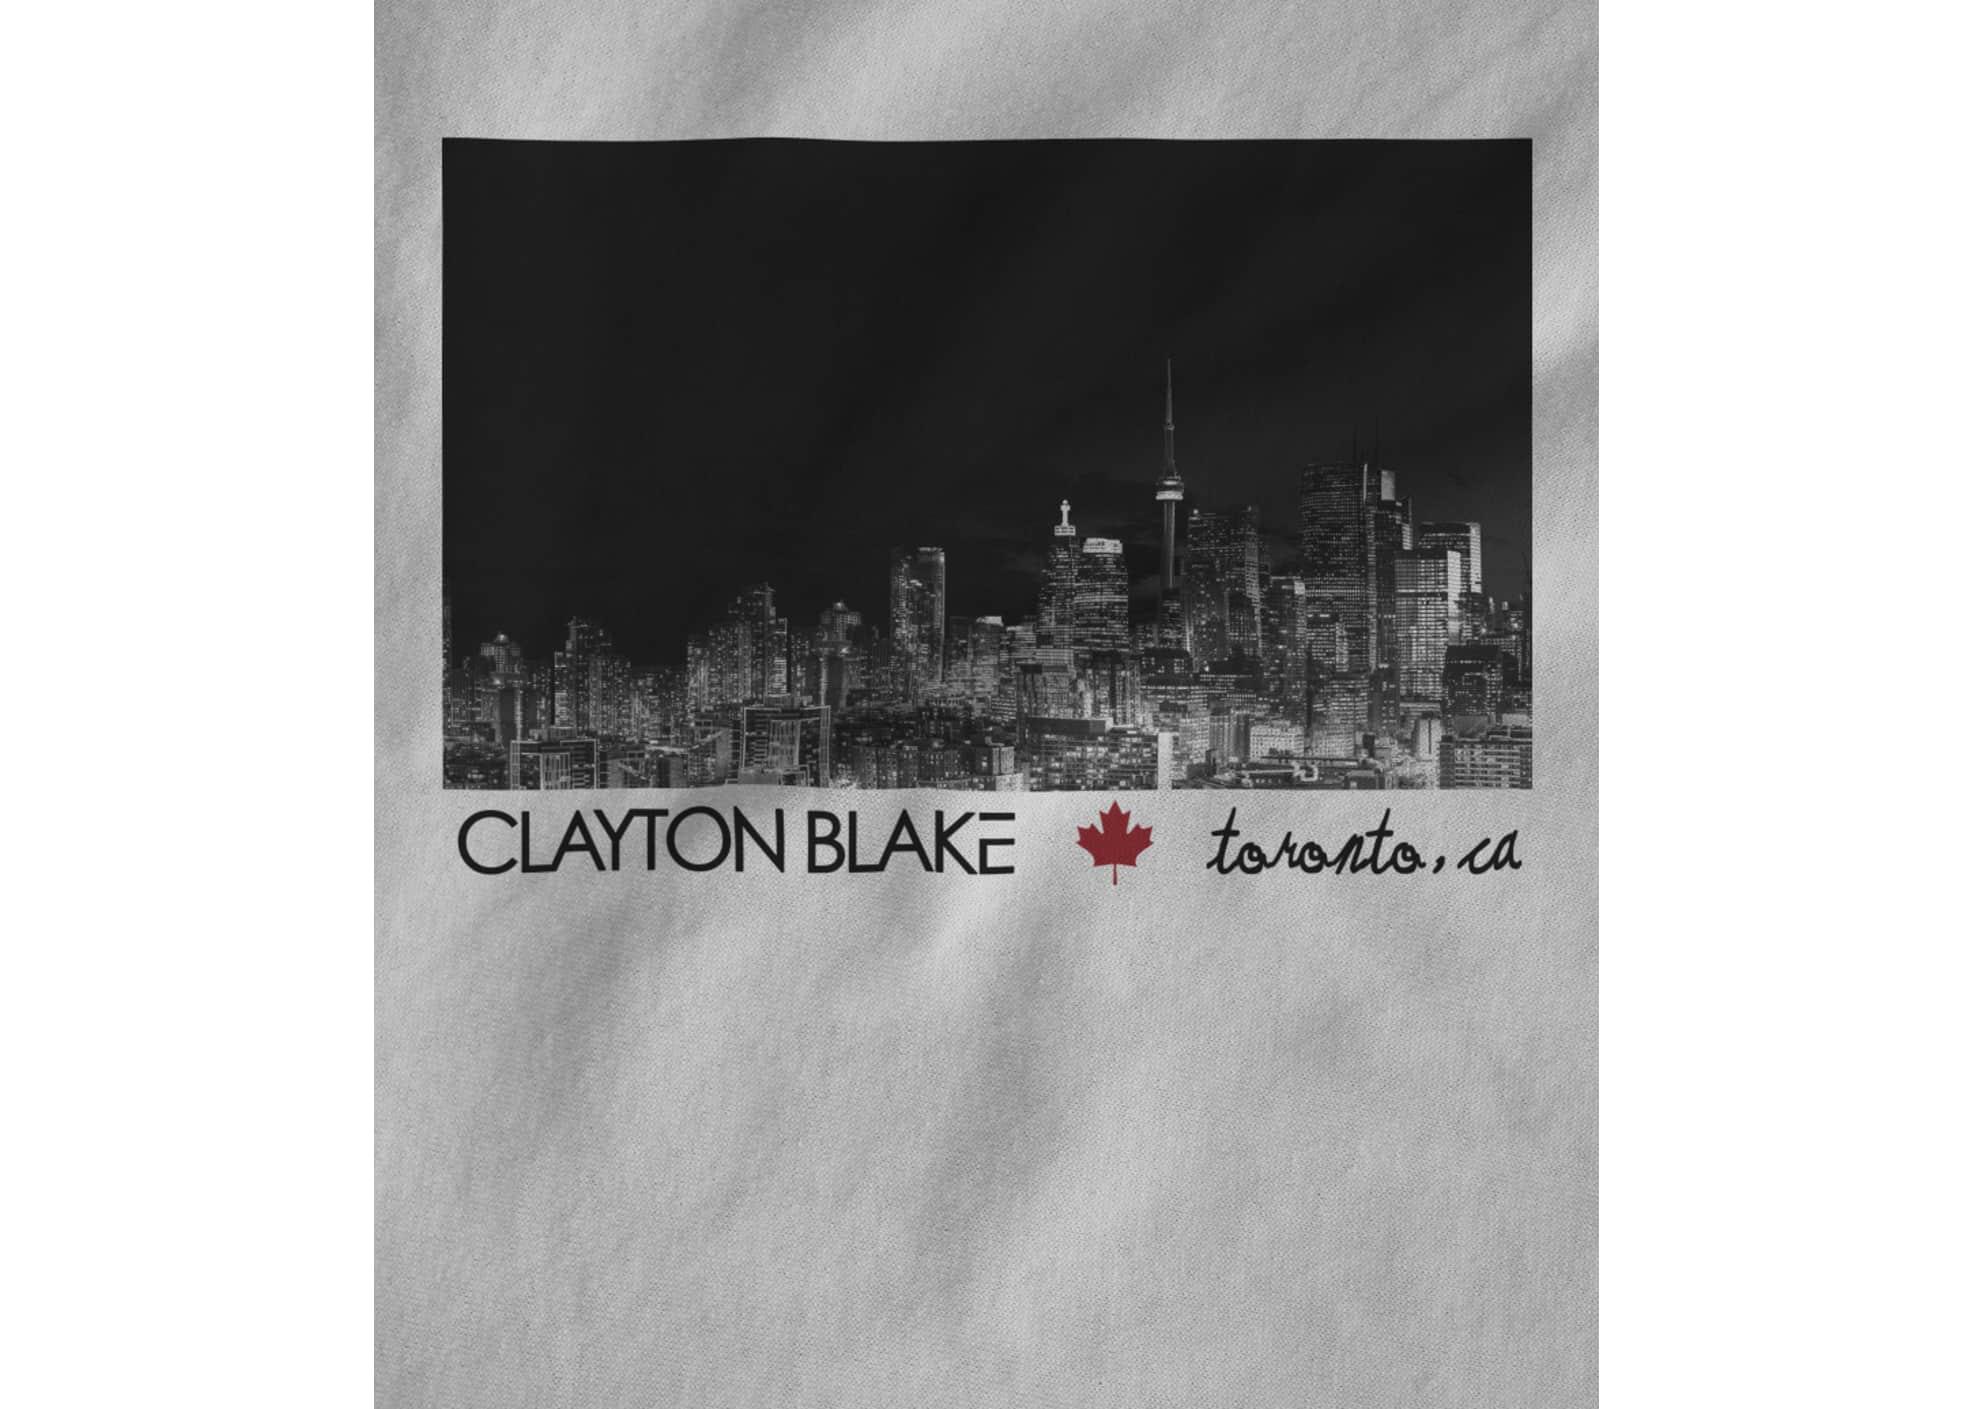 Clayton blake clayton blake toronto 1495393091